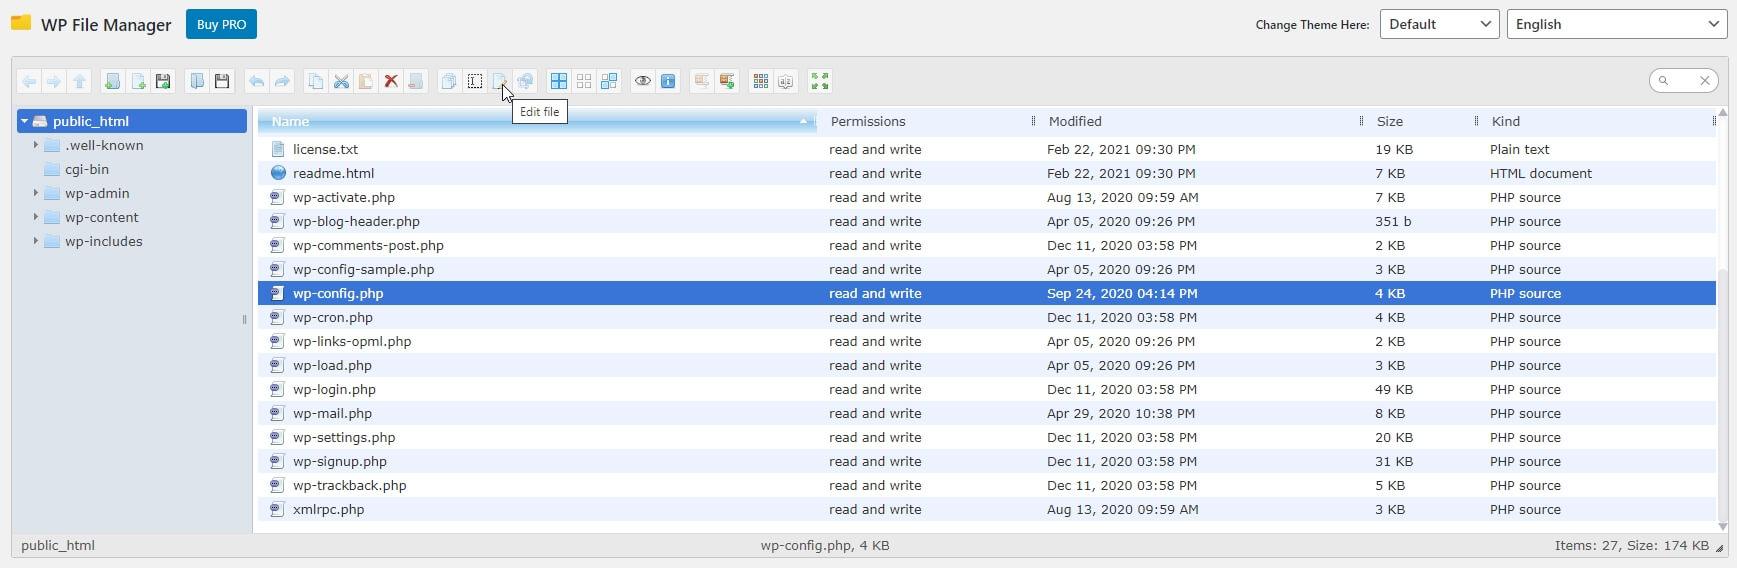 Selecteer Edit file in WP File Manager